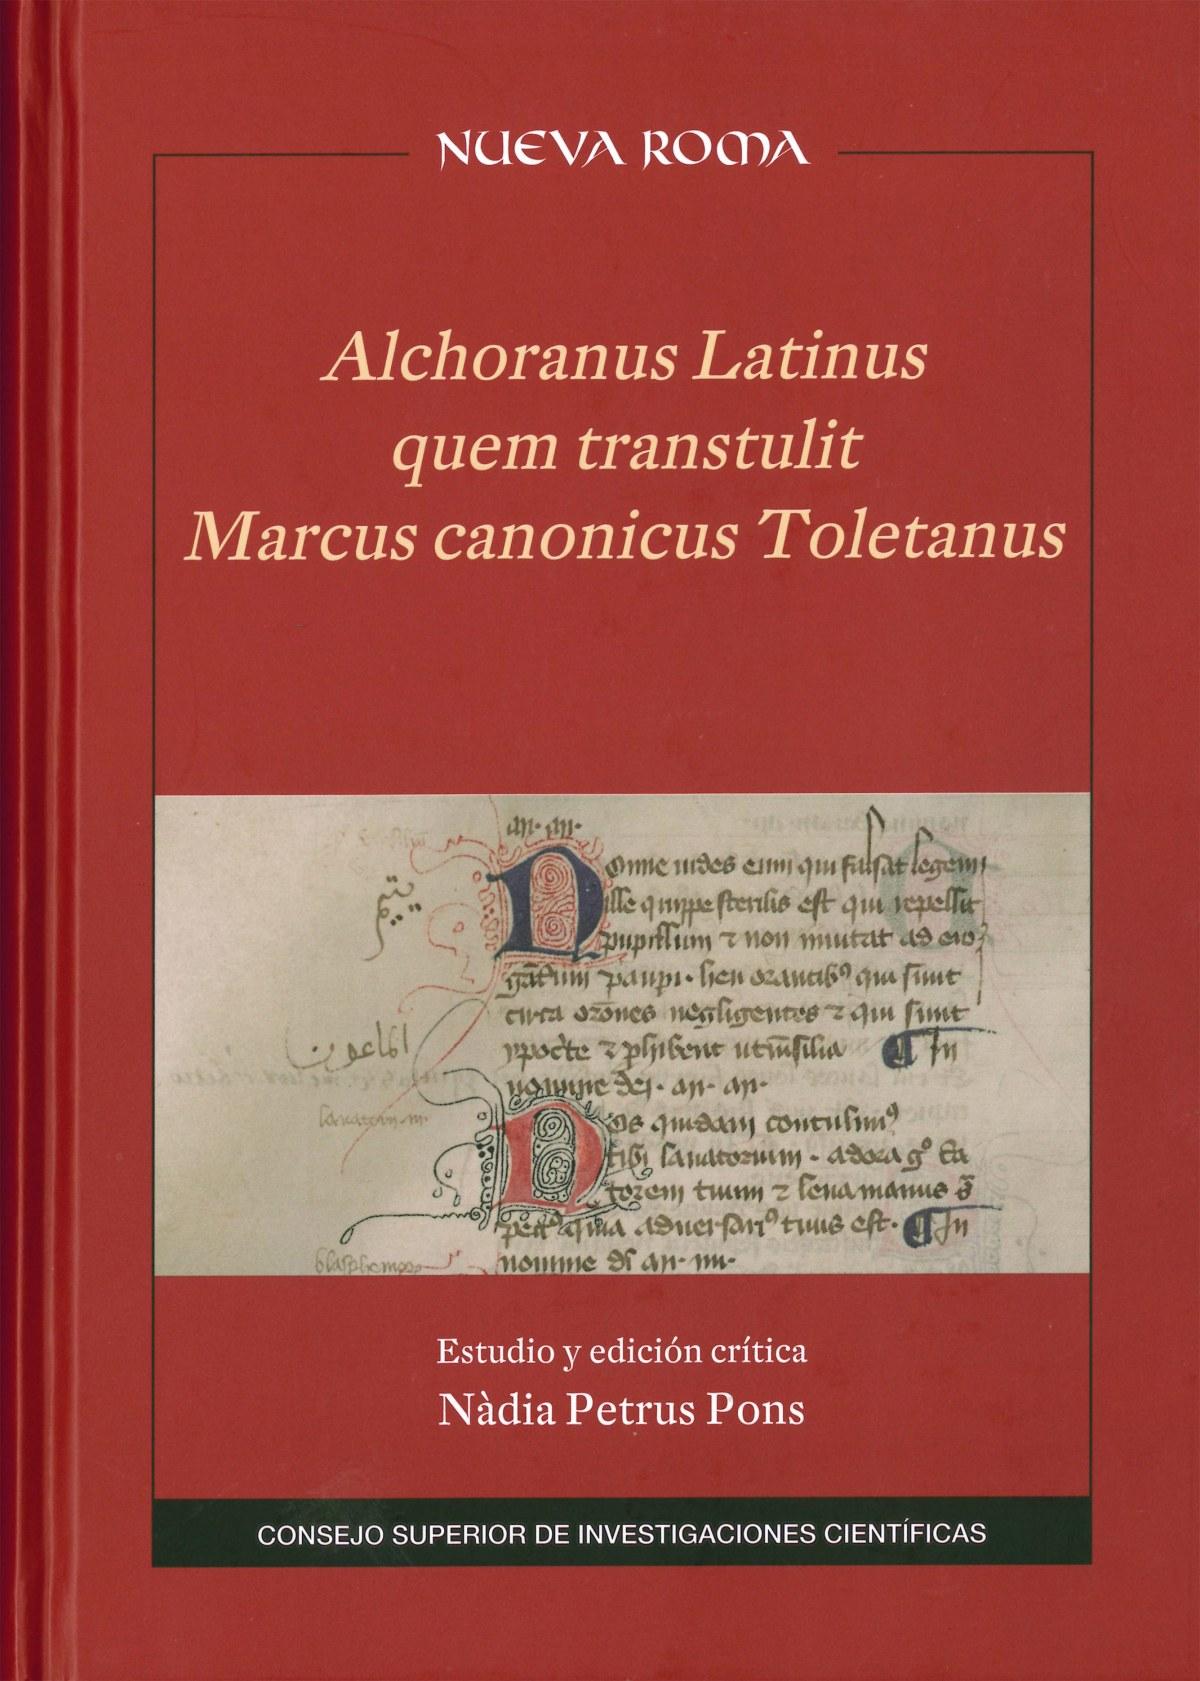 ALCHORANUS LATINUS TRANSTULIT MARCUS CANONICUS TOLETANUS